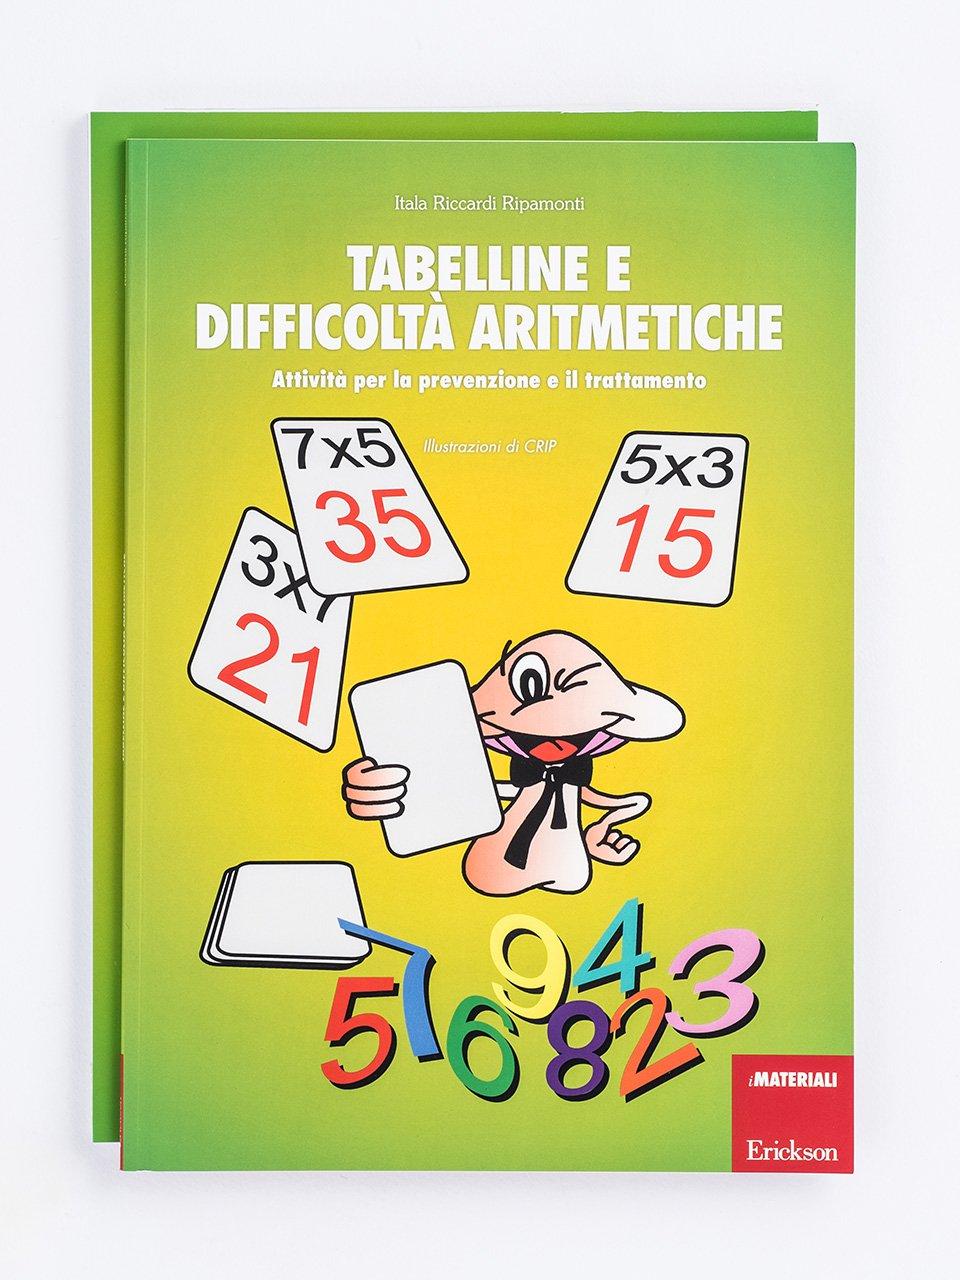 Tabelline e difficoltà aritmetiche - Libri - App e software - Erickson